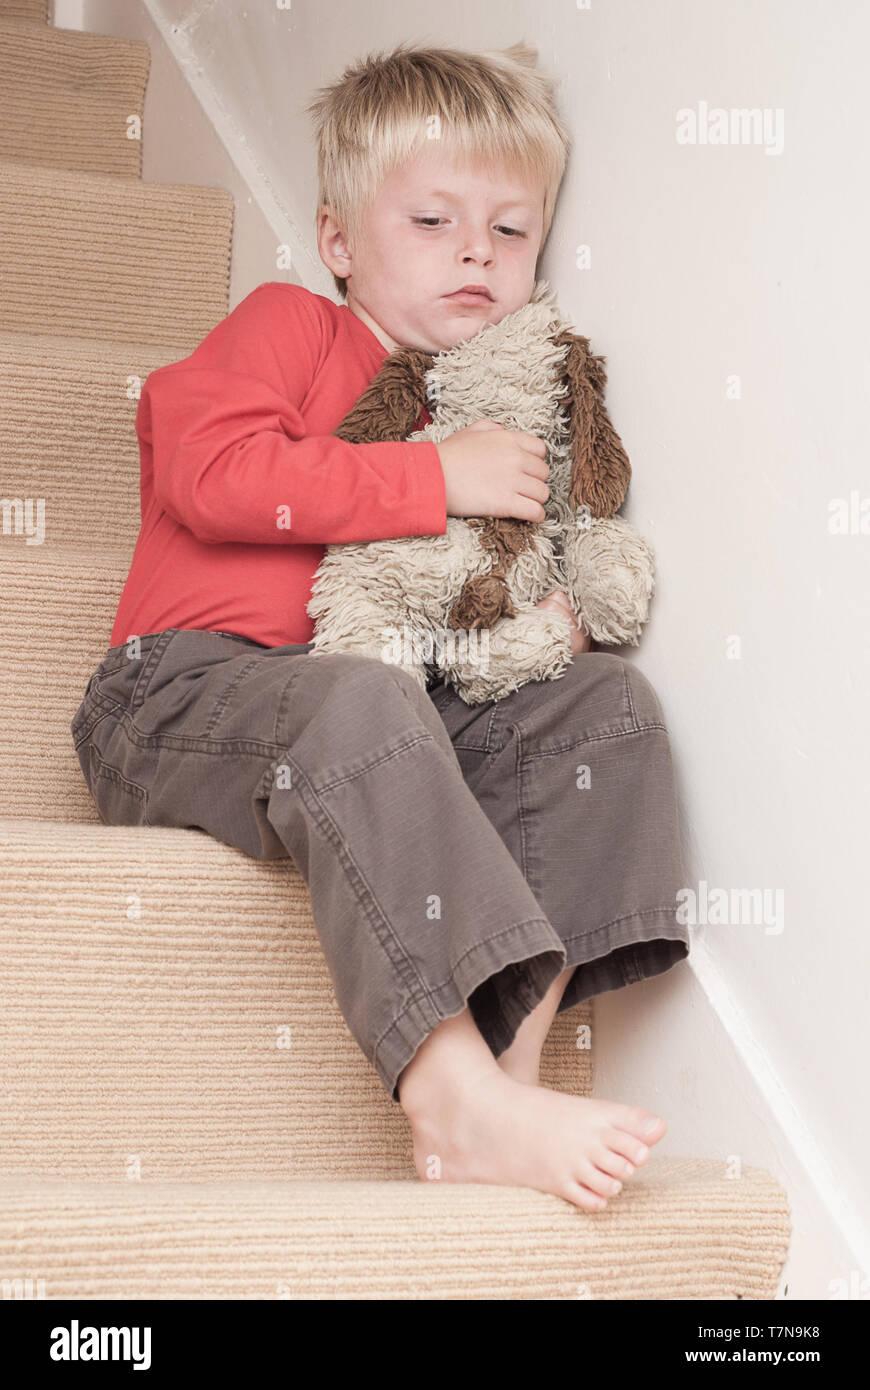 Einsame Kind sitzen auf der Treppe, sein weiches Spielzeug umarmt. Stockbild